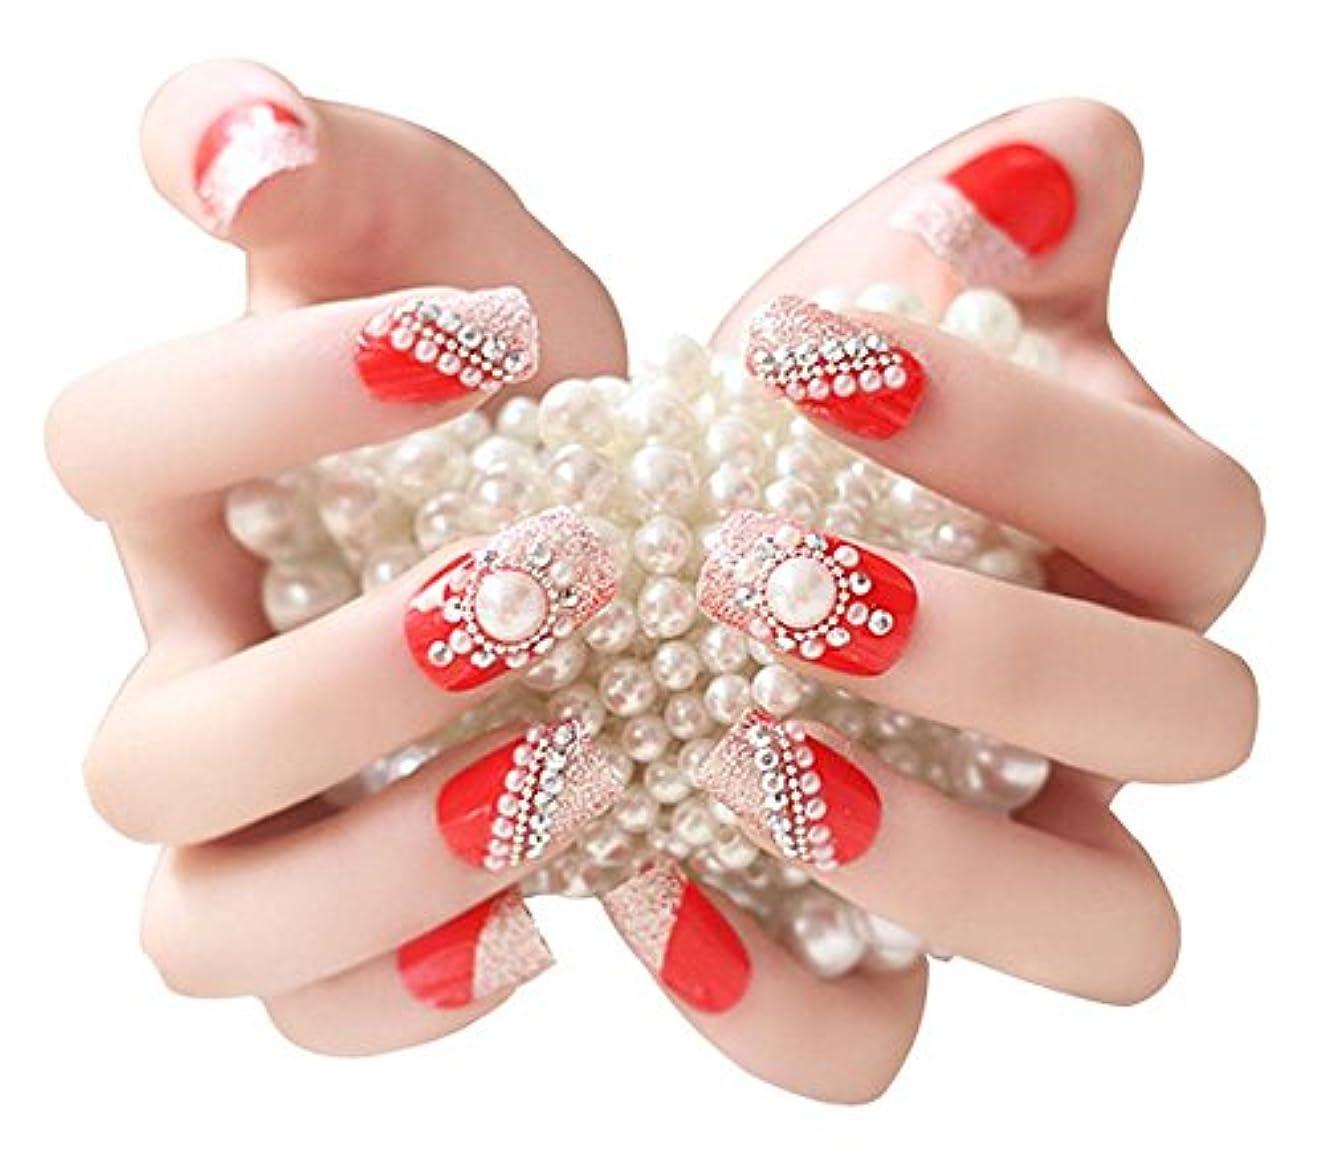 悪性のご注意未知の人工真珠ラインストーンつけ爪結婚式のメイクアップネイルアート、赤、2パック - 48枚